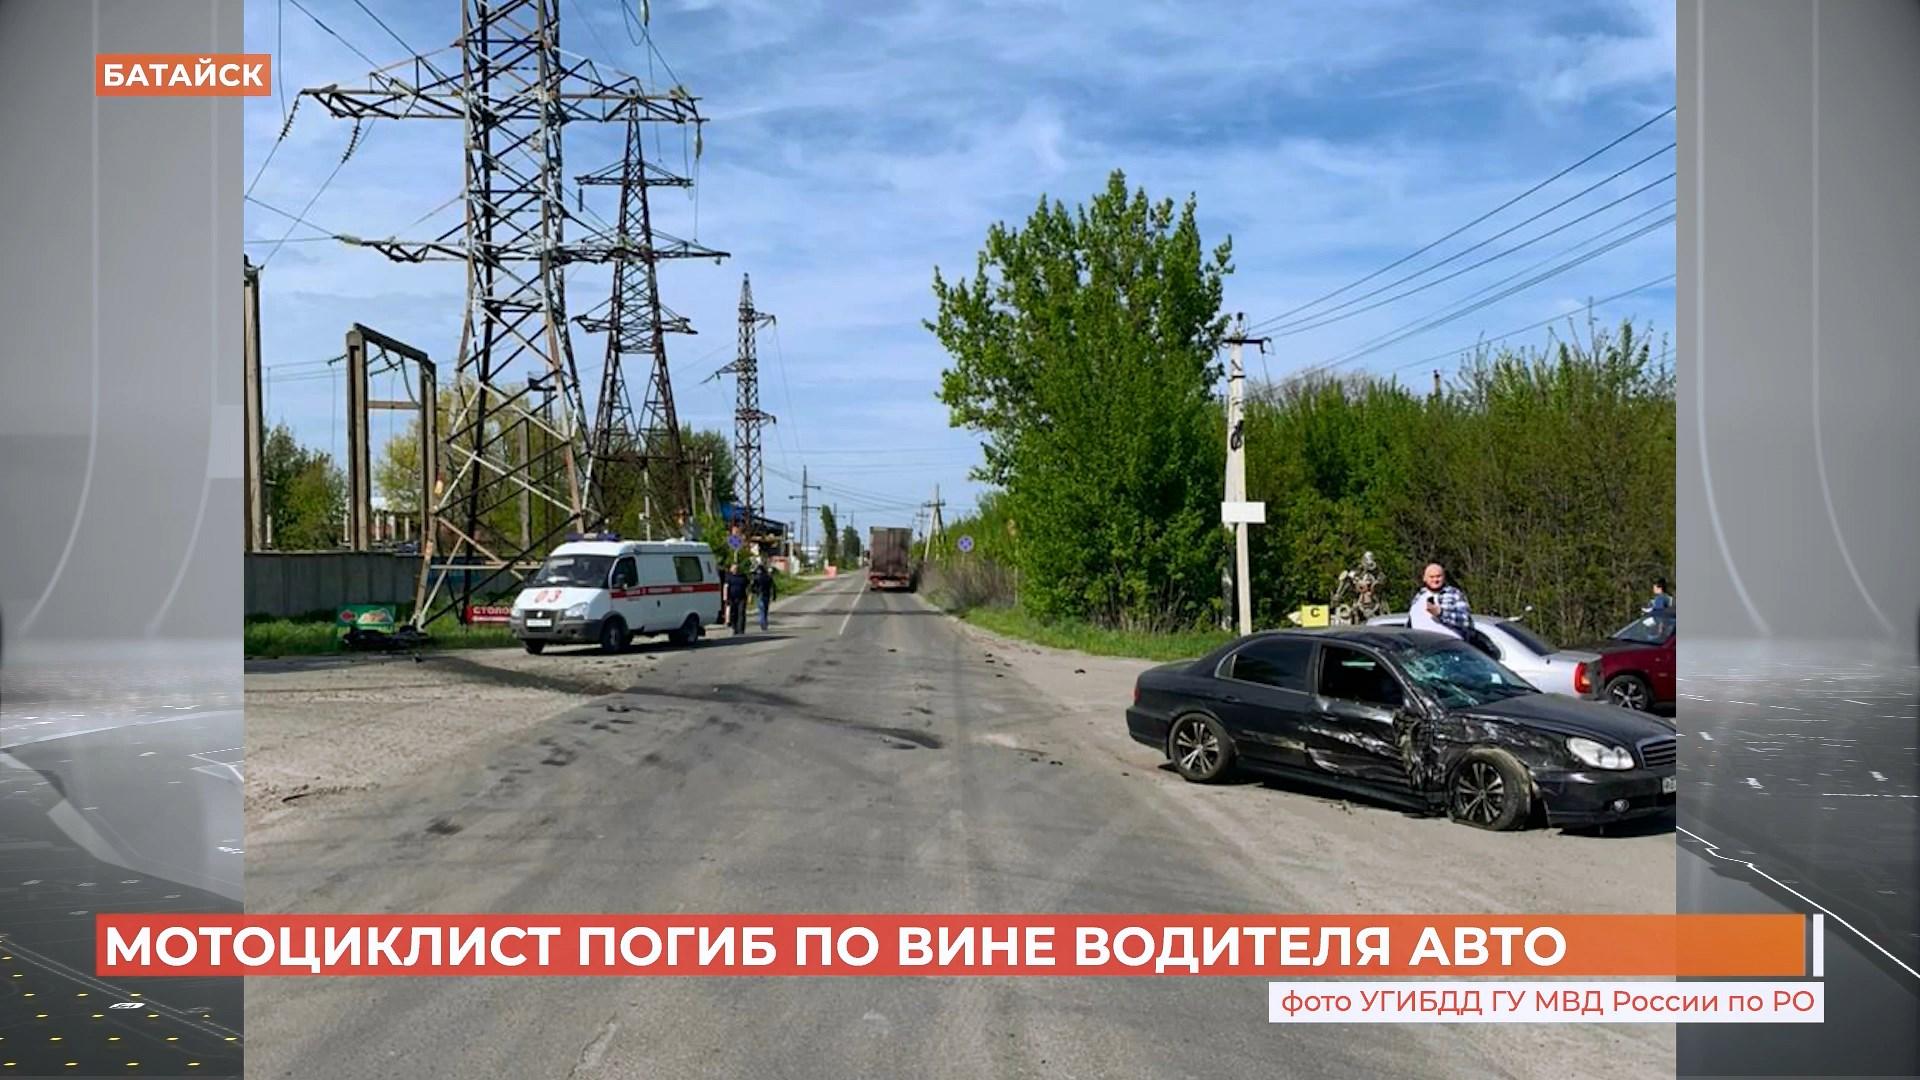 Ростов сегодня: дневной выпуск. 7 мая 2021